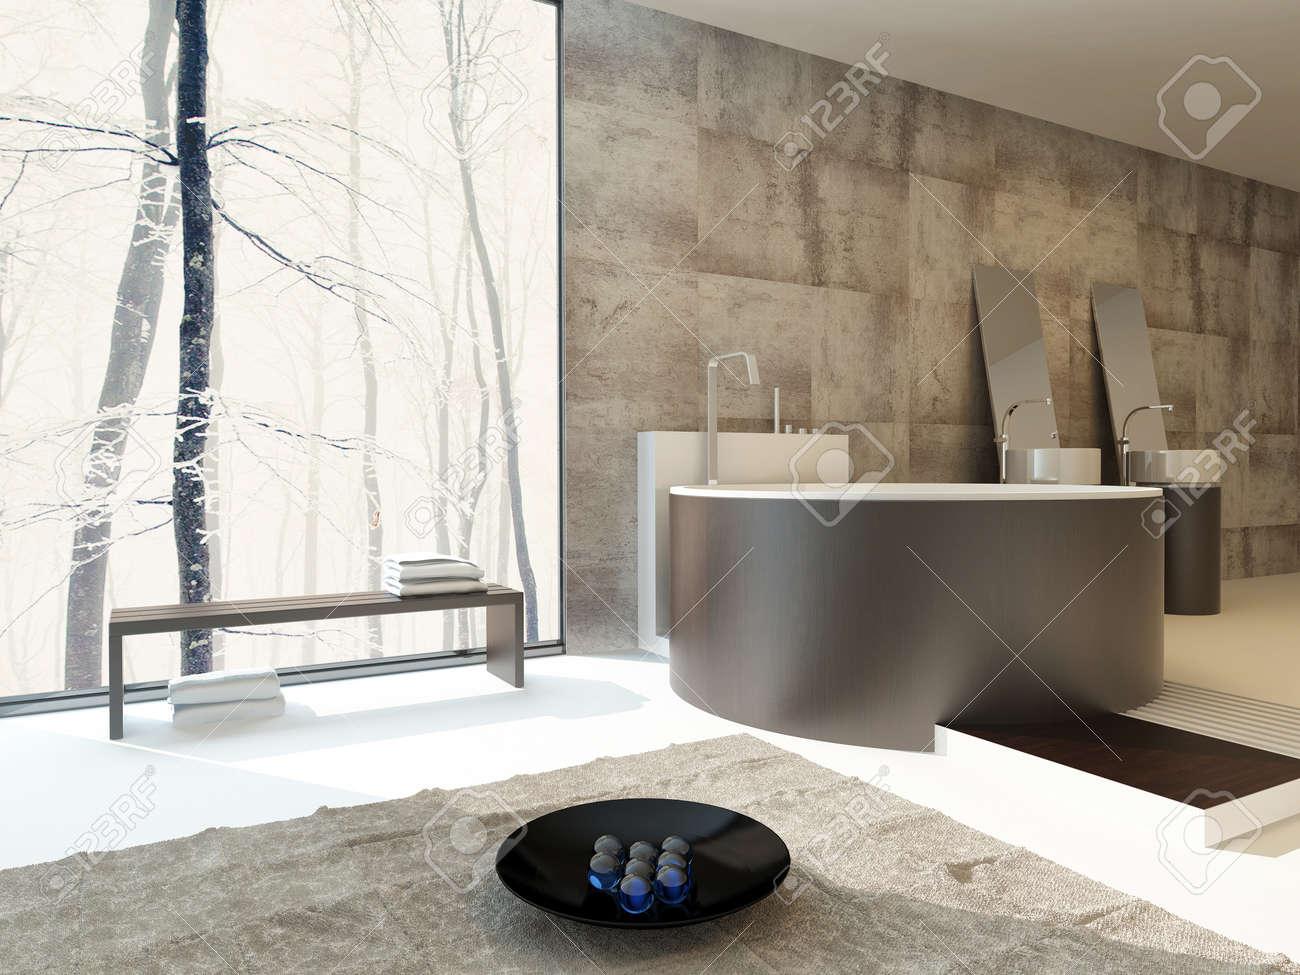 Moderne Luxus-Badezimmer Interieur In Beige Und Braun Mit Einem ...